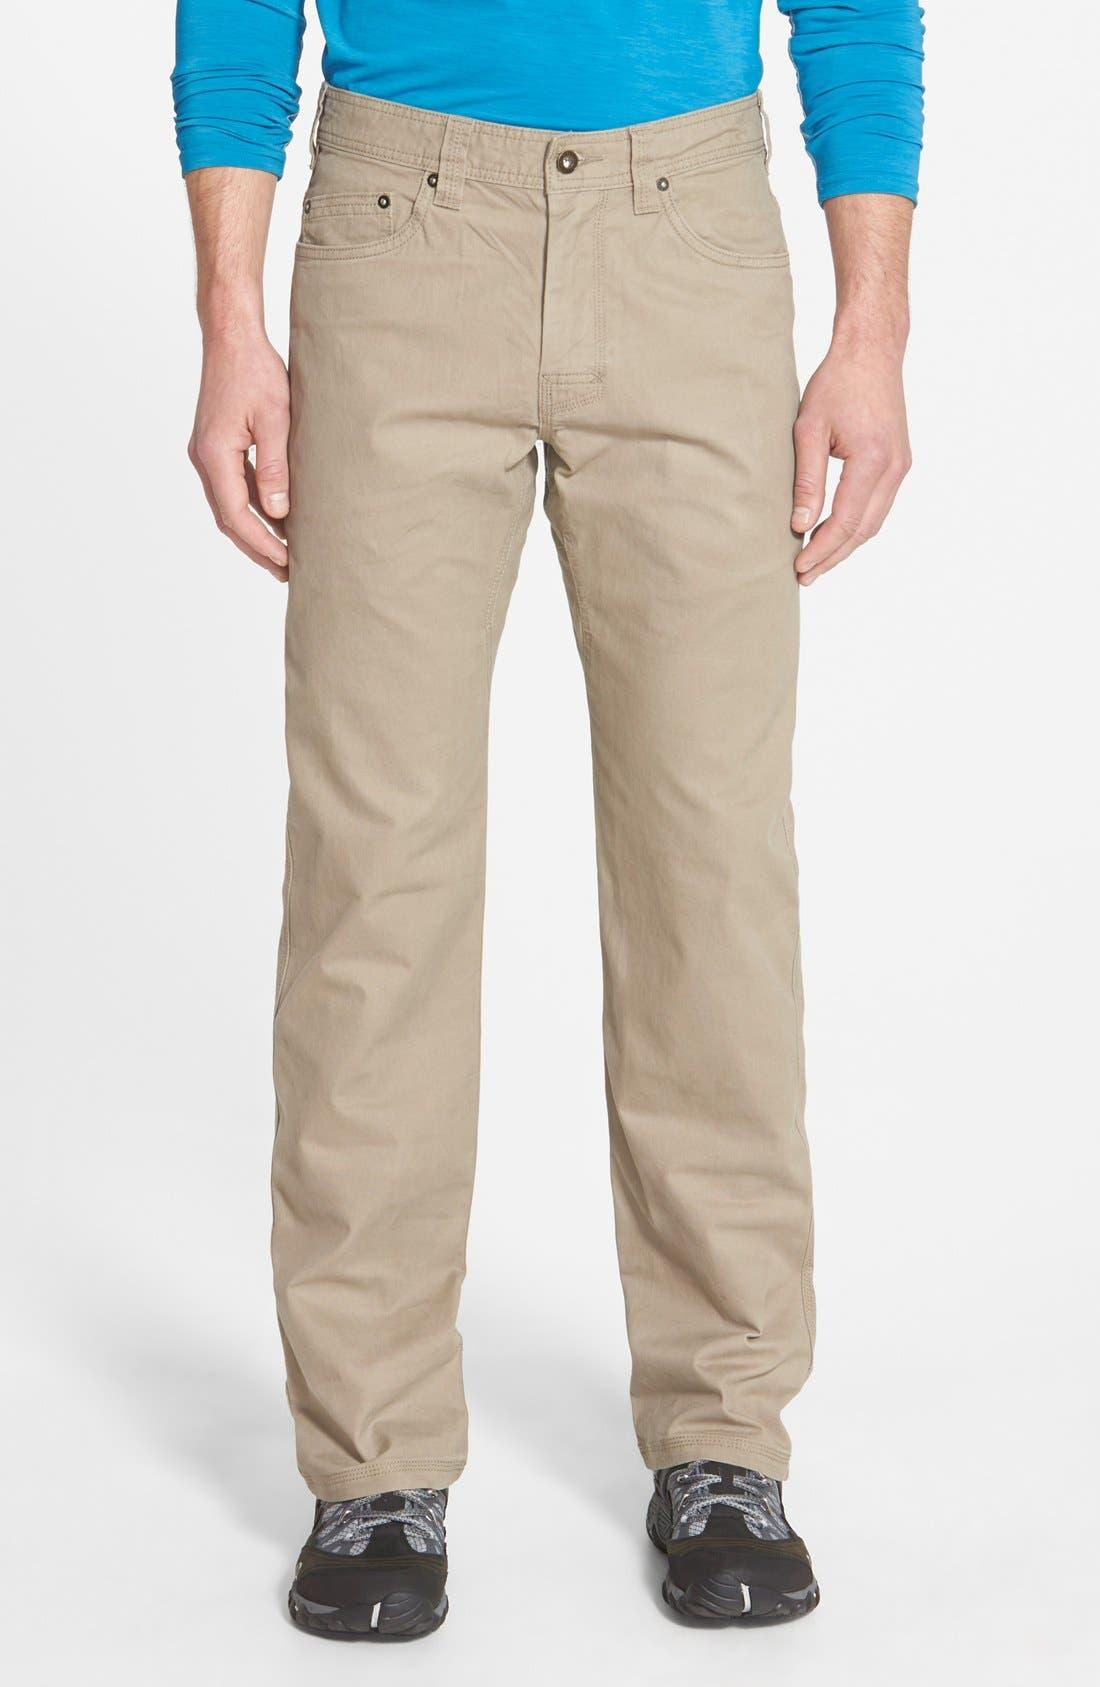 Alternate Image 1 Selected - prAna Bronson Pants